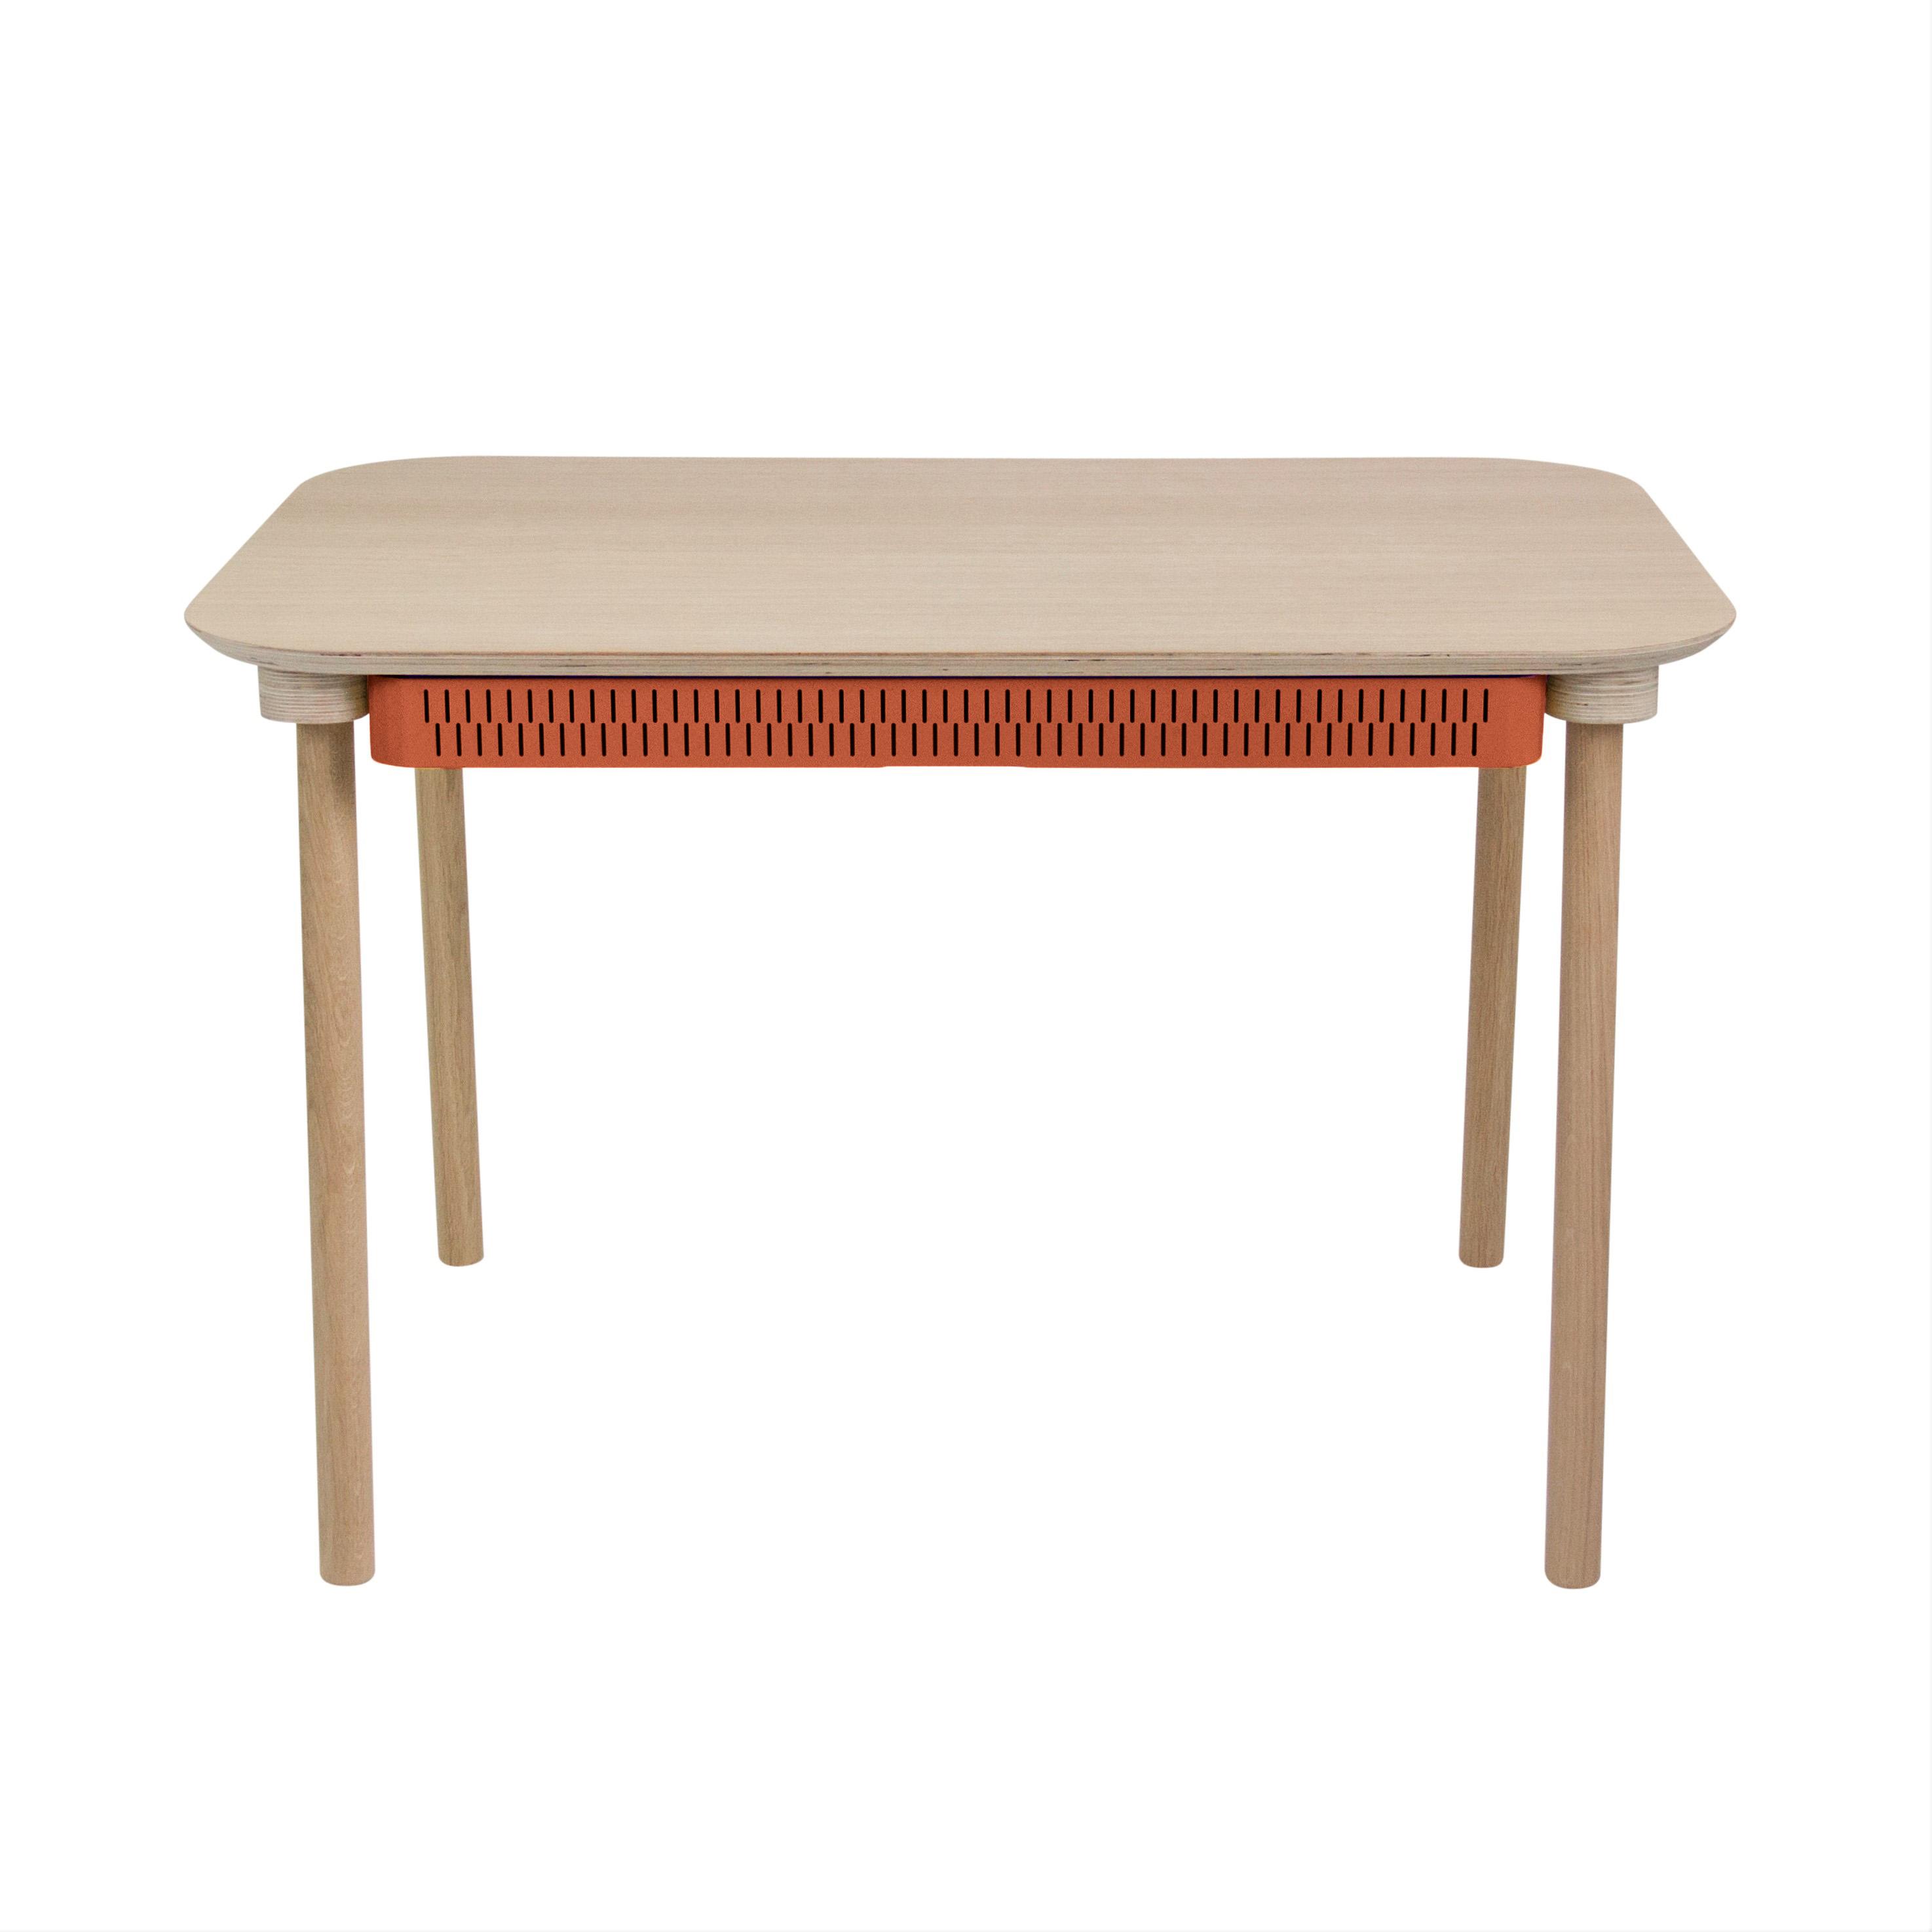 Table de repas avec tiroir en chêne et métal terracotta